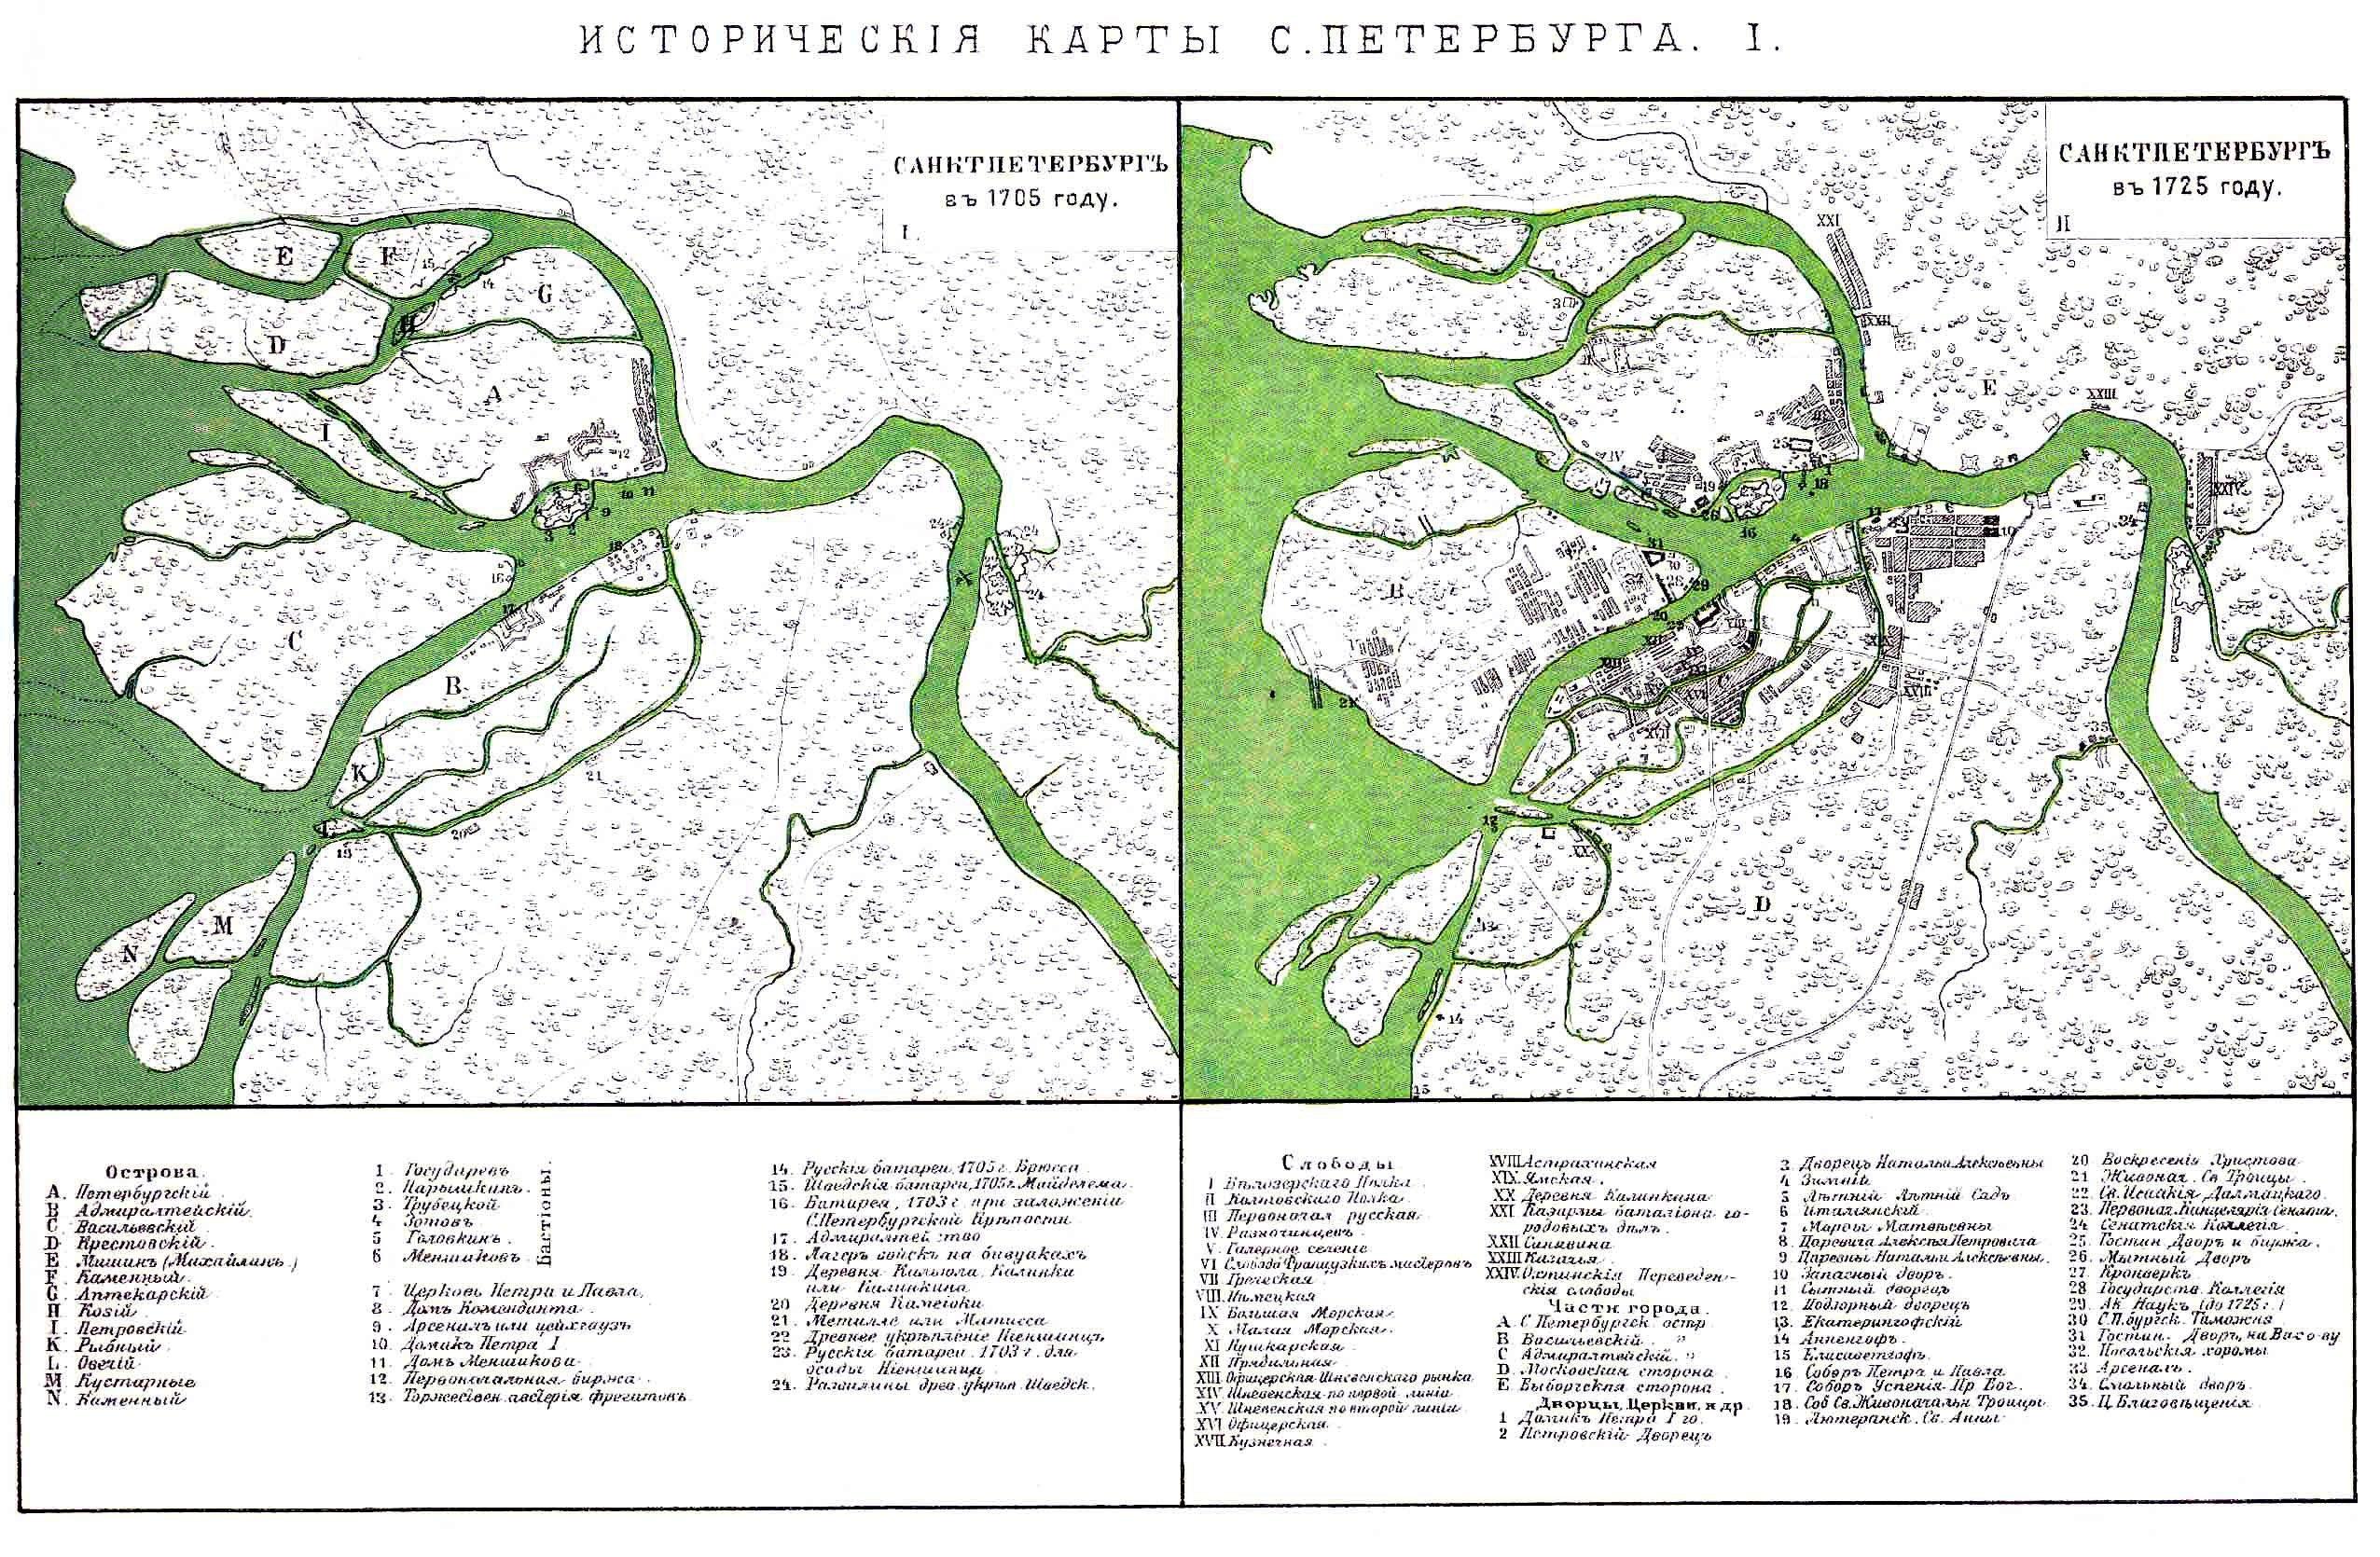 Этапы роста города СПб, древние карты, карты, карты Питера, редкие карты, санкт-петербург